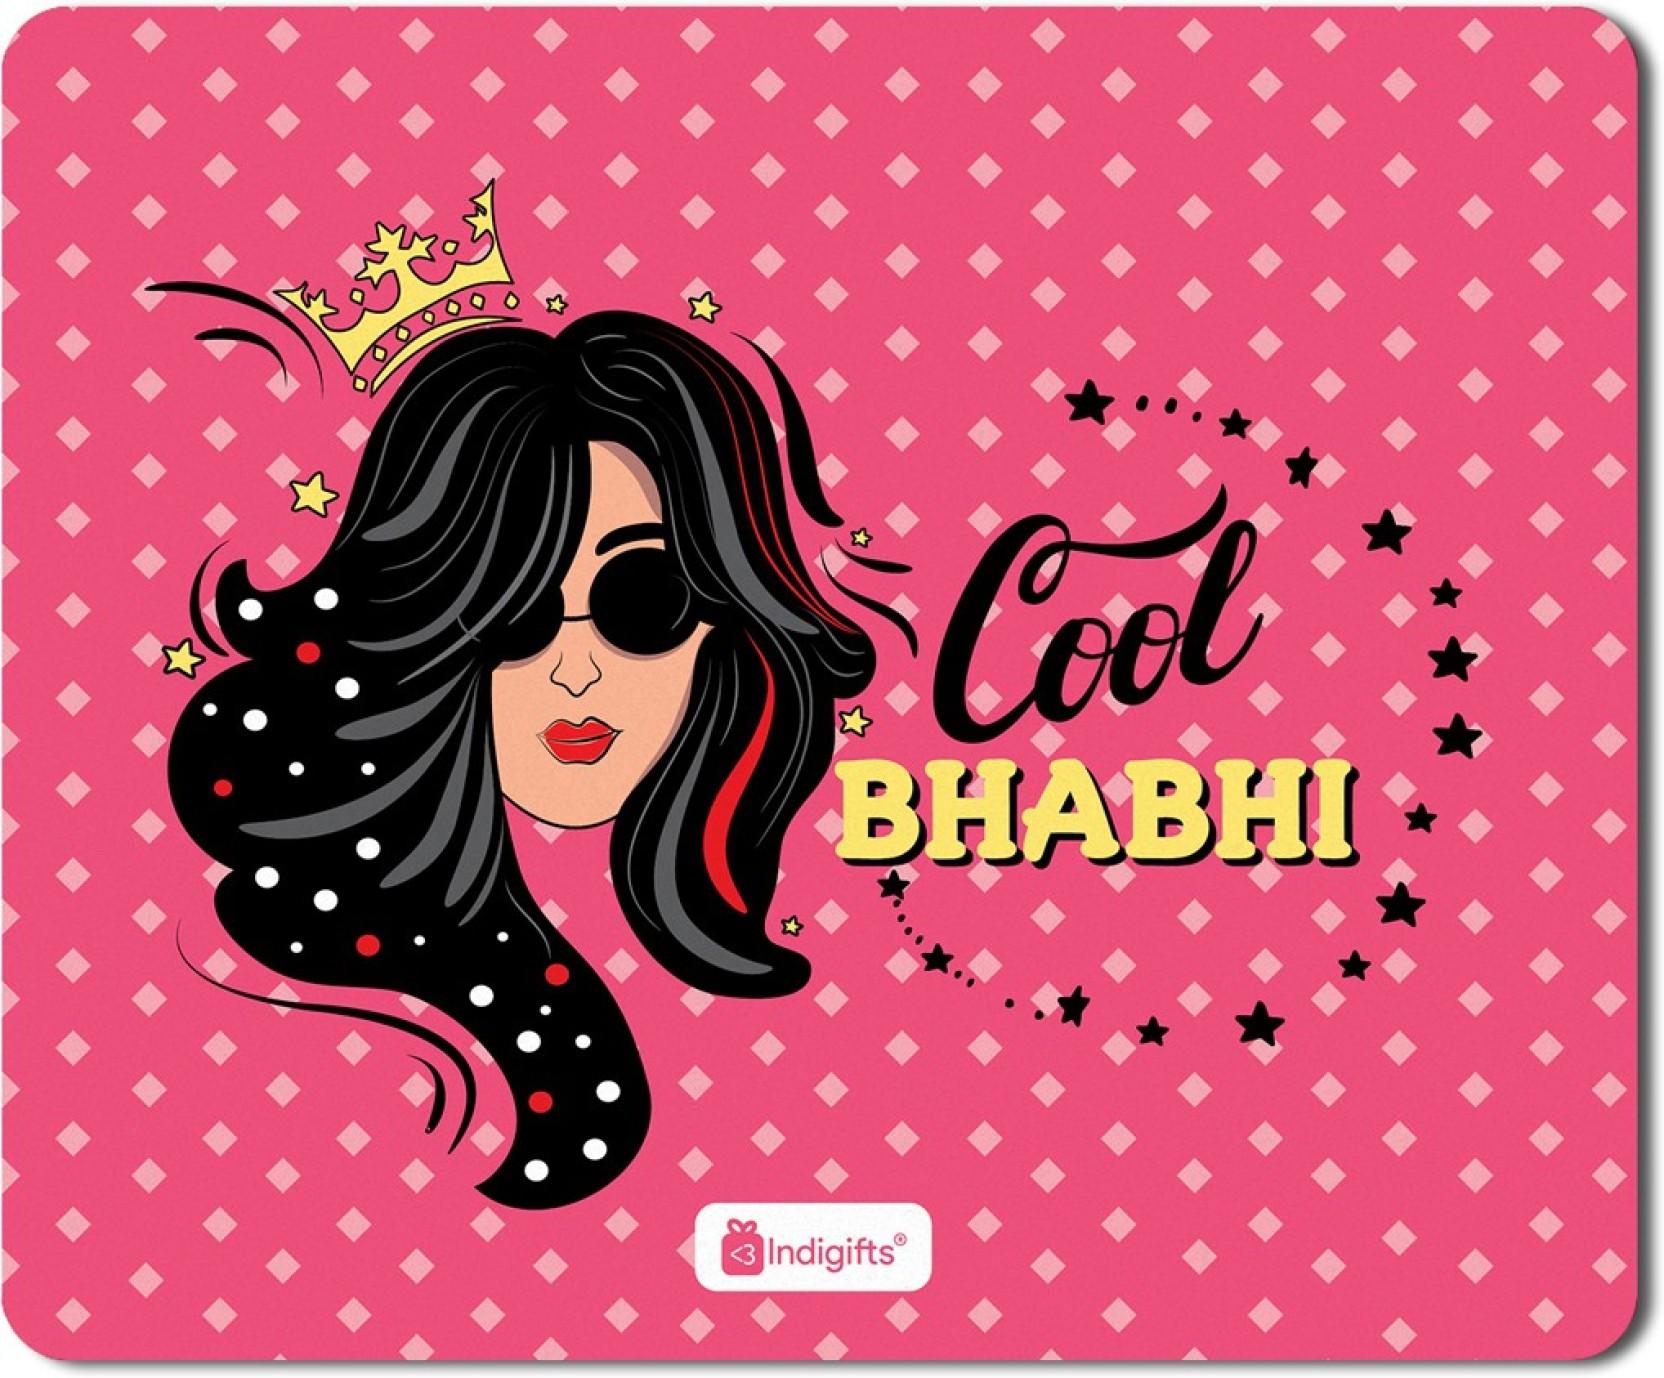 Indigifts Rakhi Gifts Sister In Law Gift Raksha Bandhan